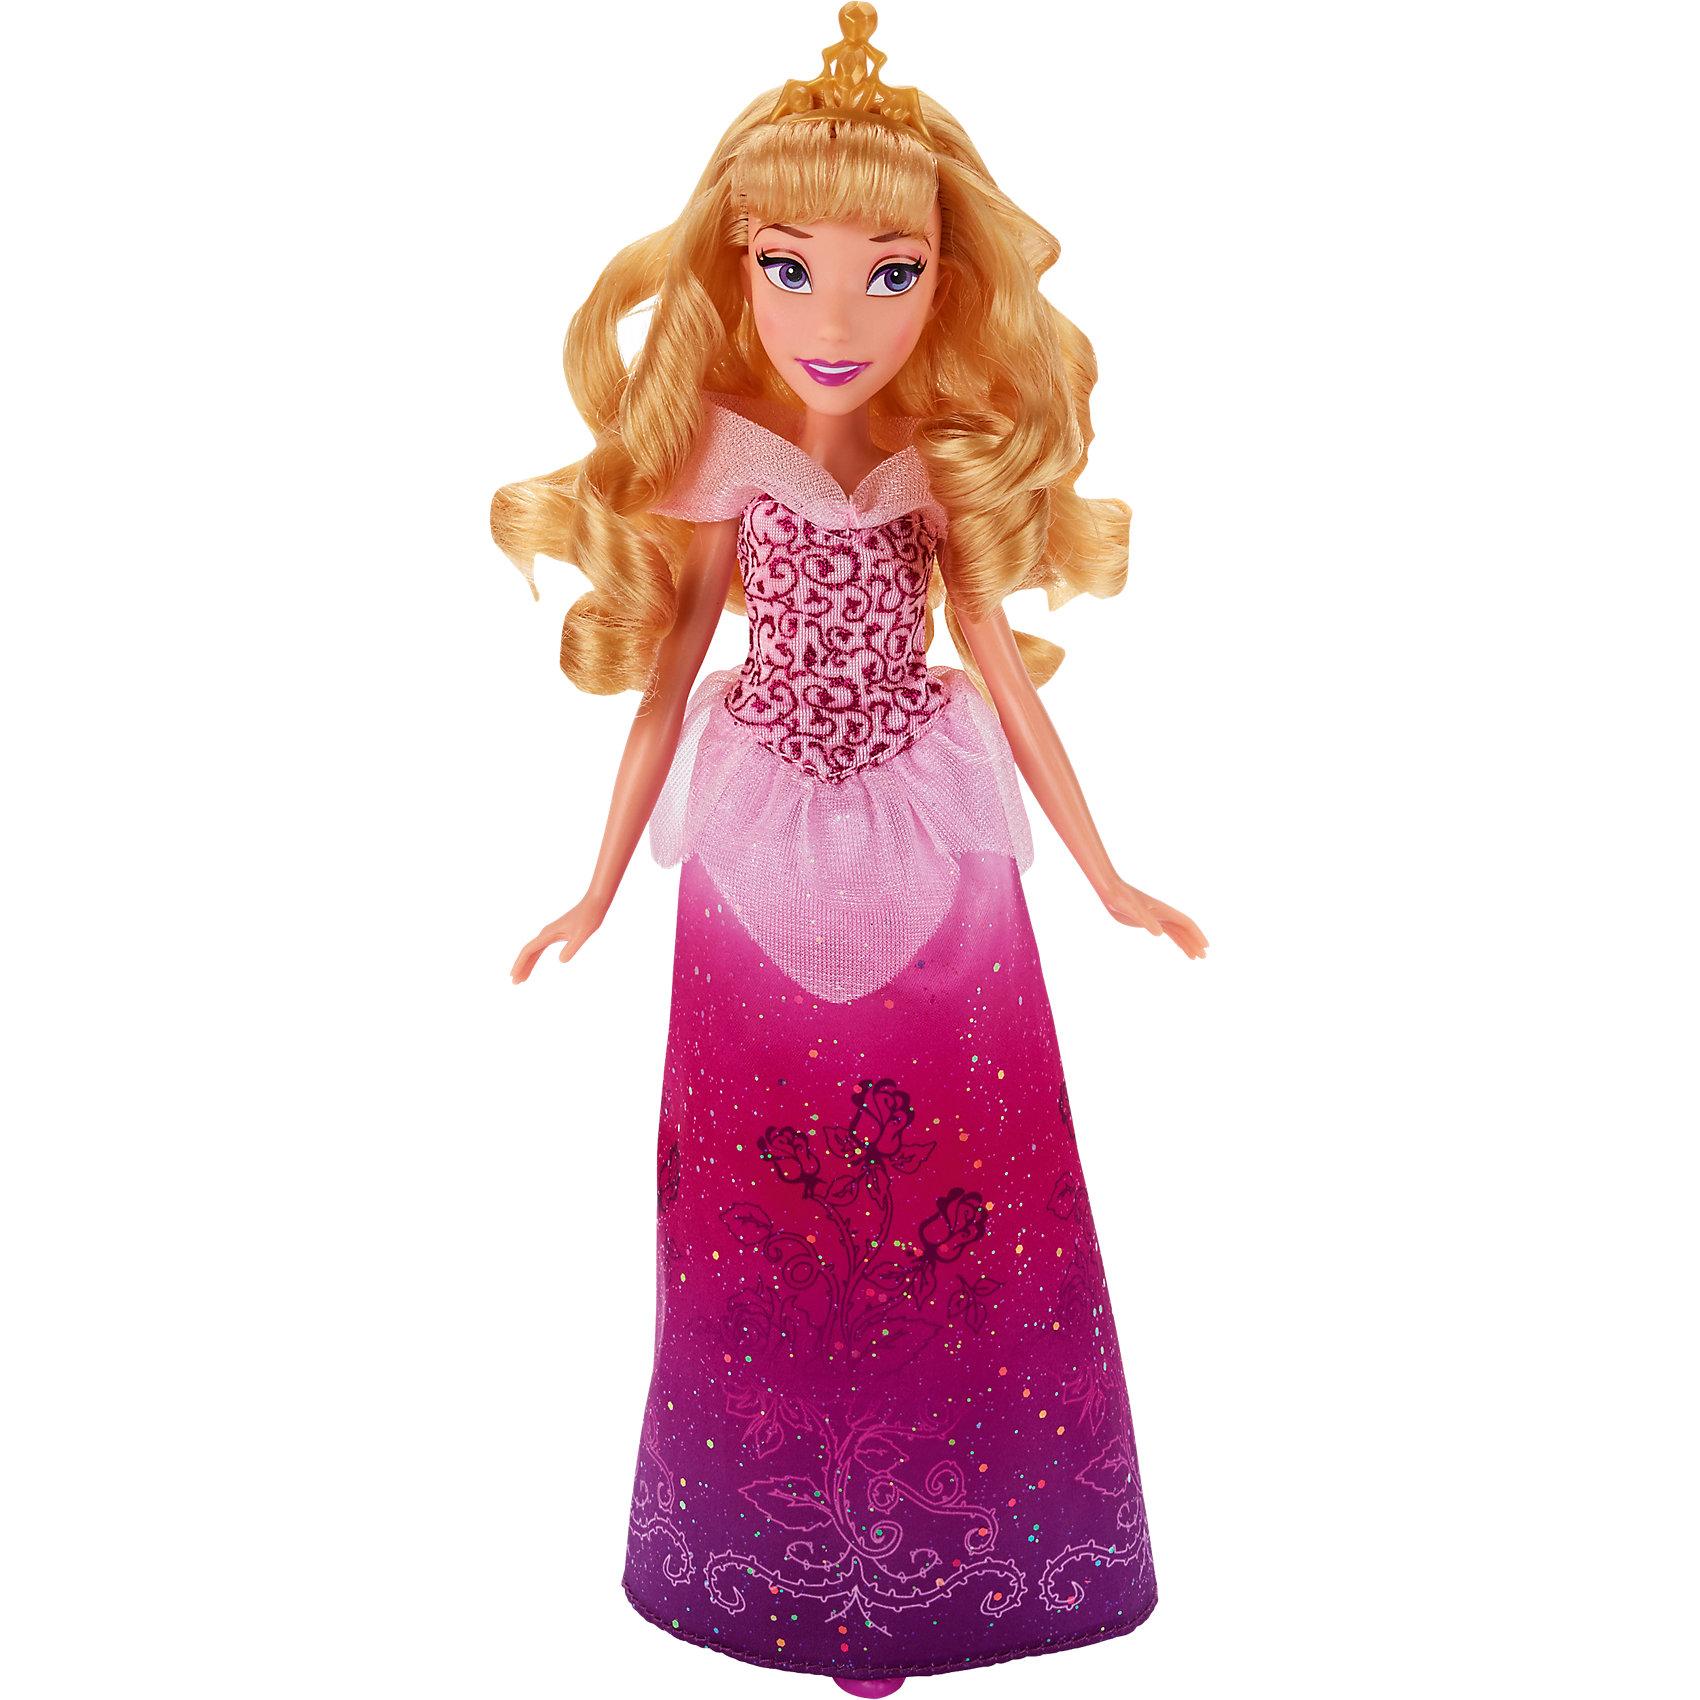 Hasbro Кукла Принцесса Аврора, Принцессы Дисней hasbro мини кукла принцессы дисней